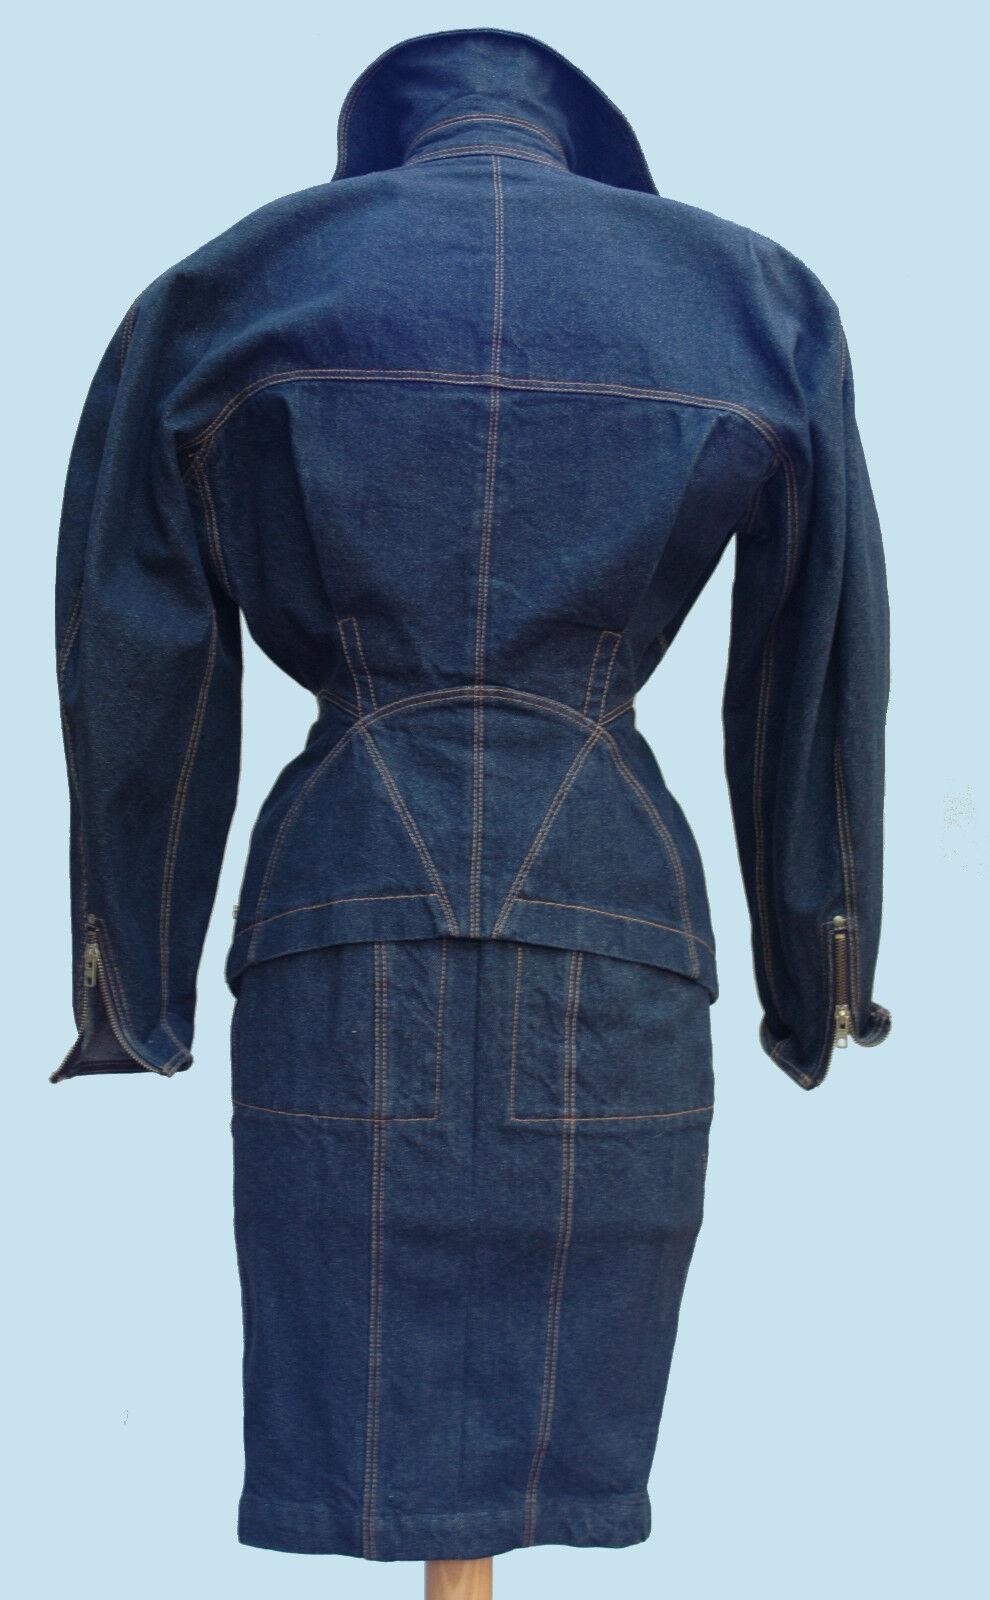 Iconic Azzedine Alaia vintage denim jacket and sk… - image 4